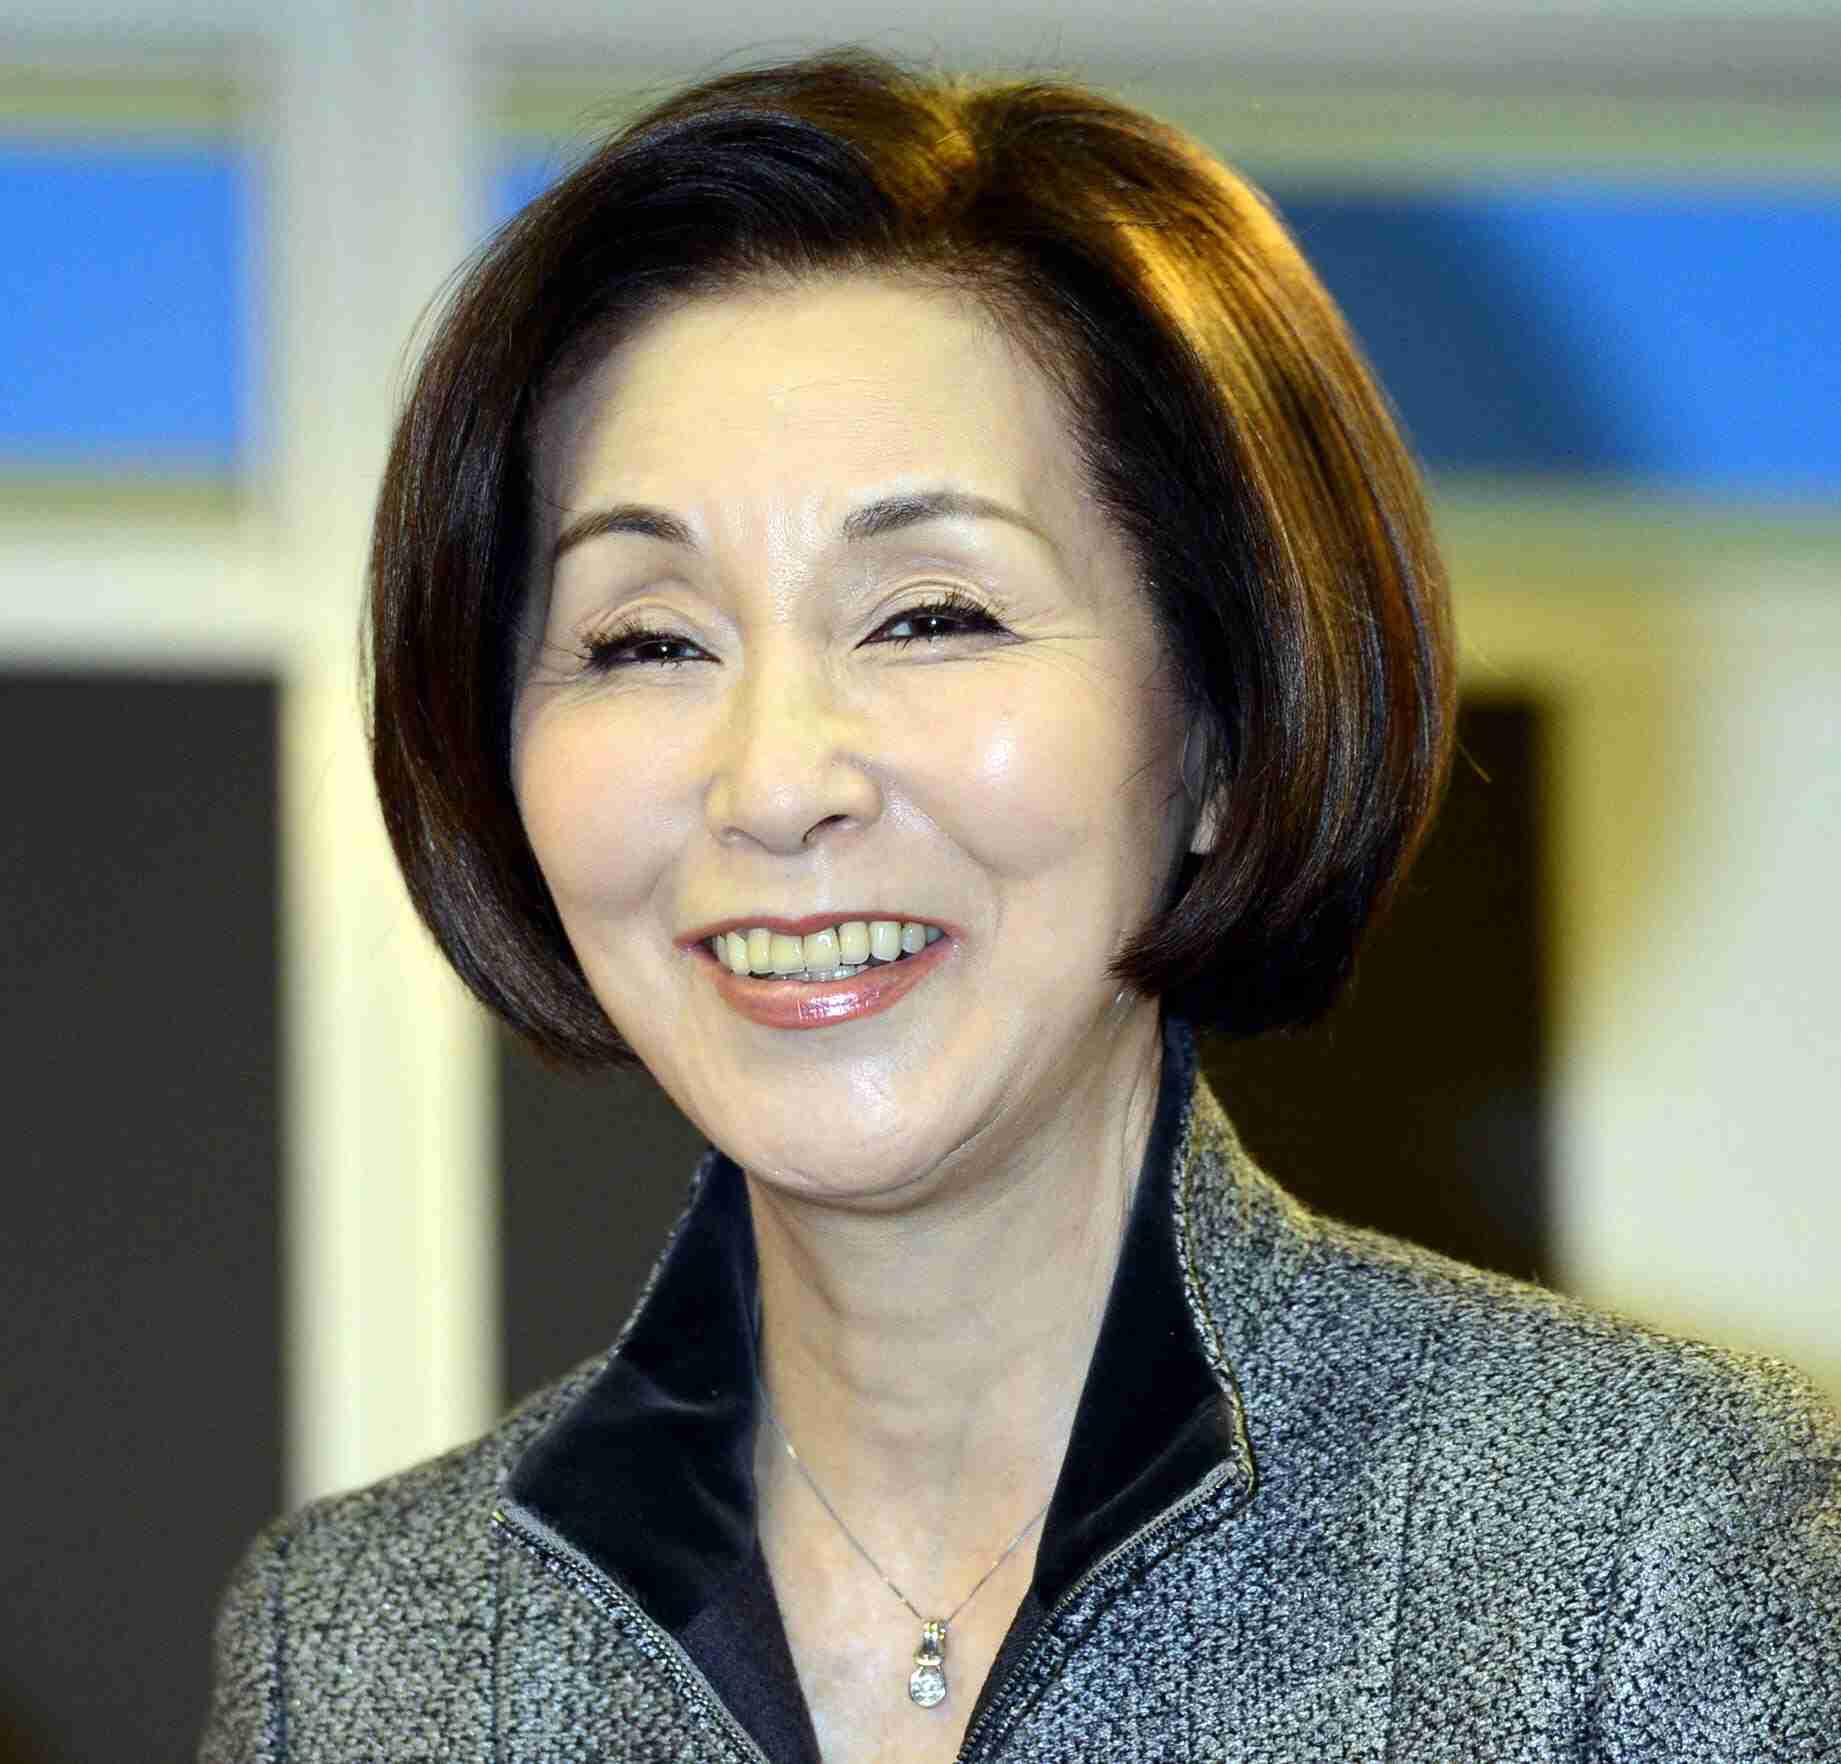 前田忠明 野際さん死去当日、事務所に連絡「そんなこと言ってる場合じゃない!」 (デイリースポーツ) - Yahoo!ニュース